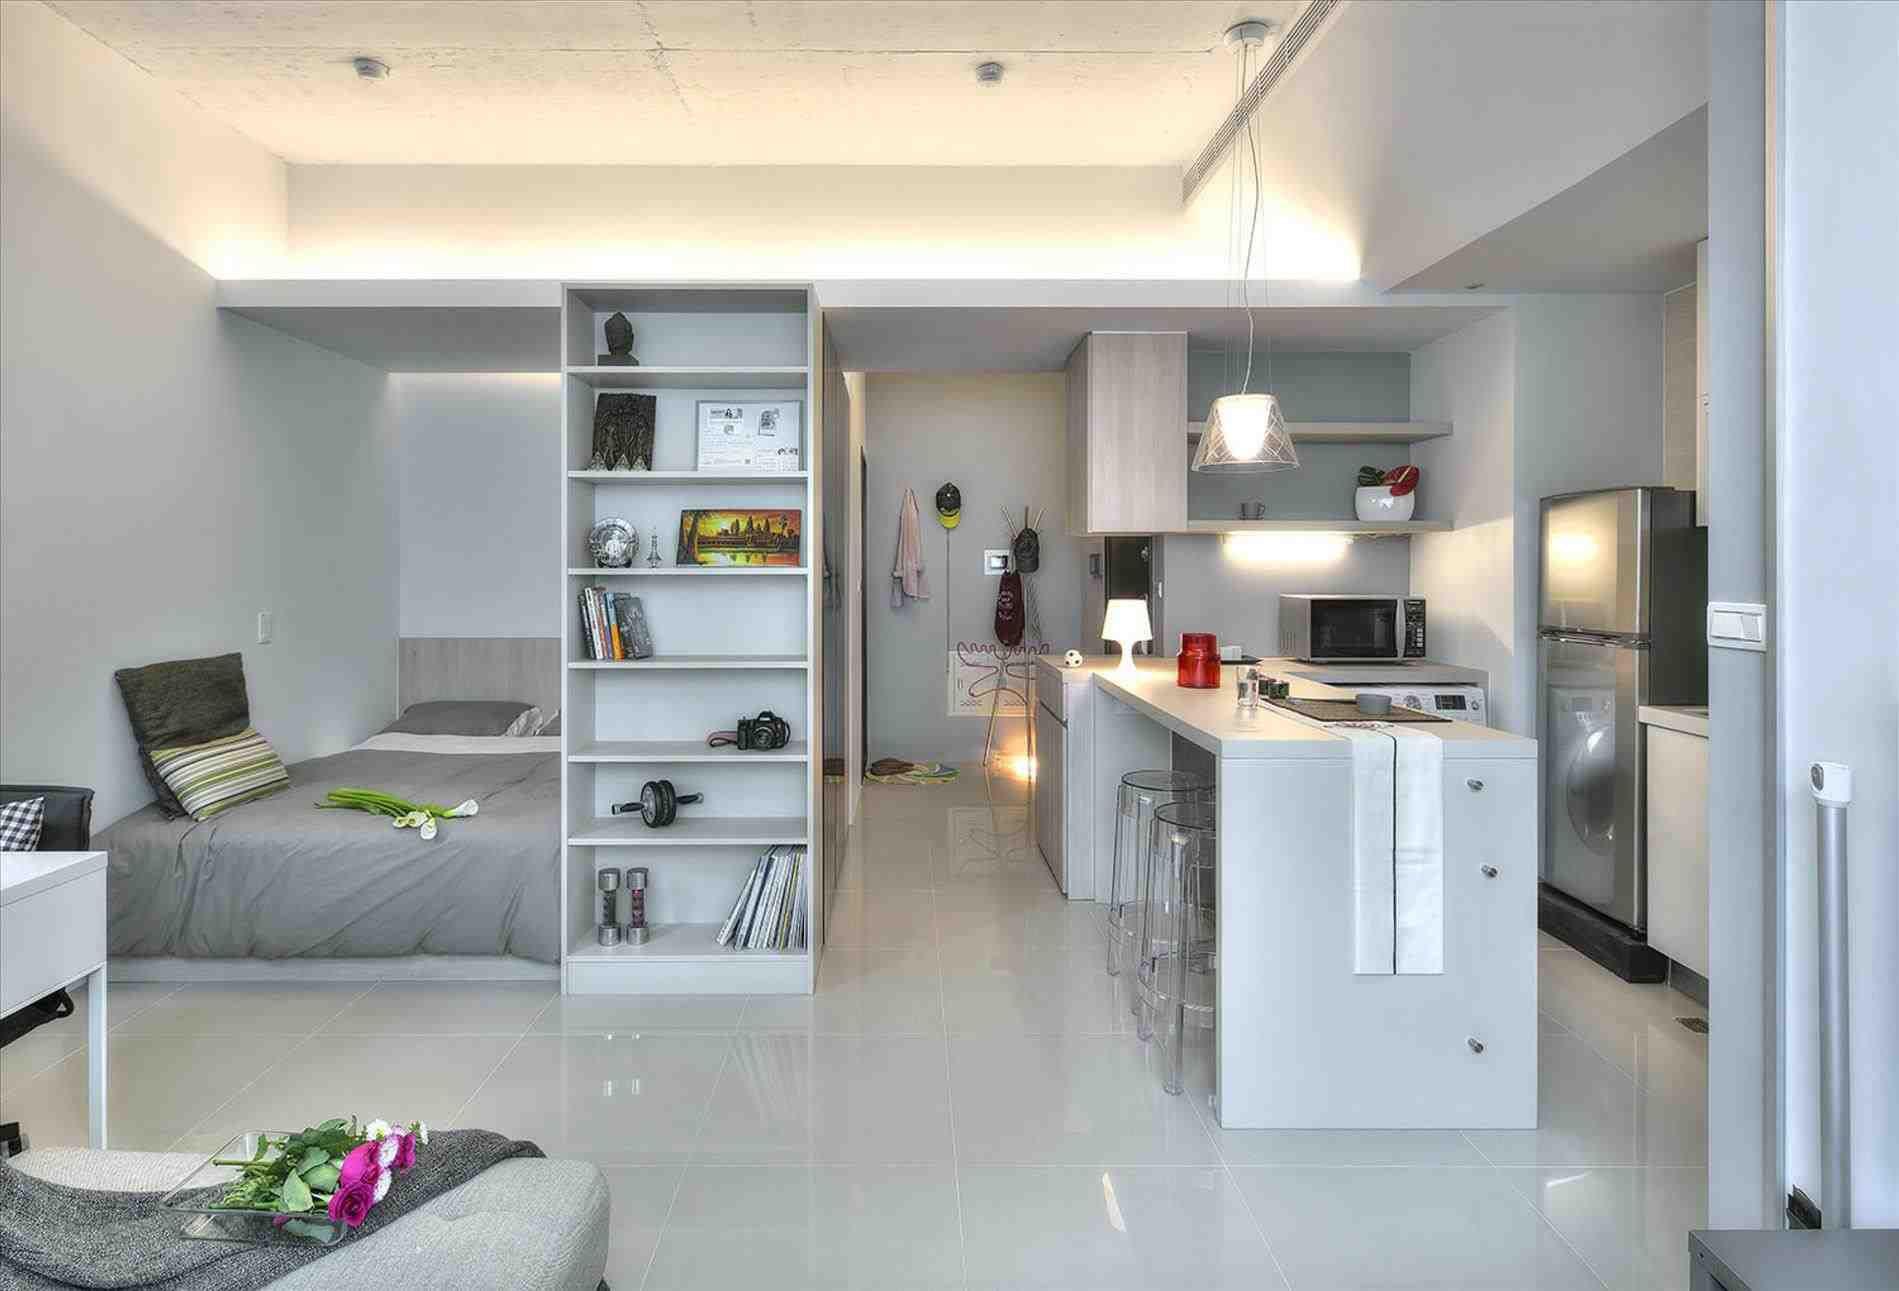 Căn hộ chung cư 25m²: Giấc mơ an cư của người thu nhập thấp hay 'ổ chuột' trên cao? - Ảnh 2